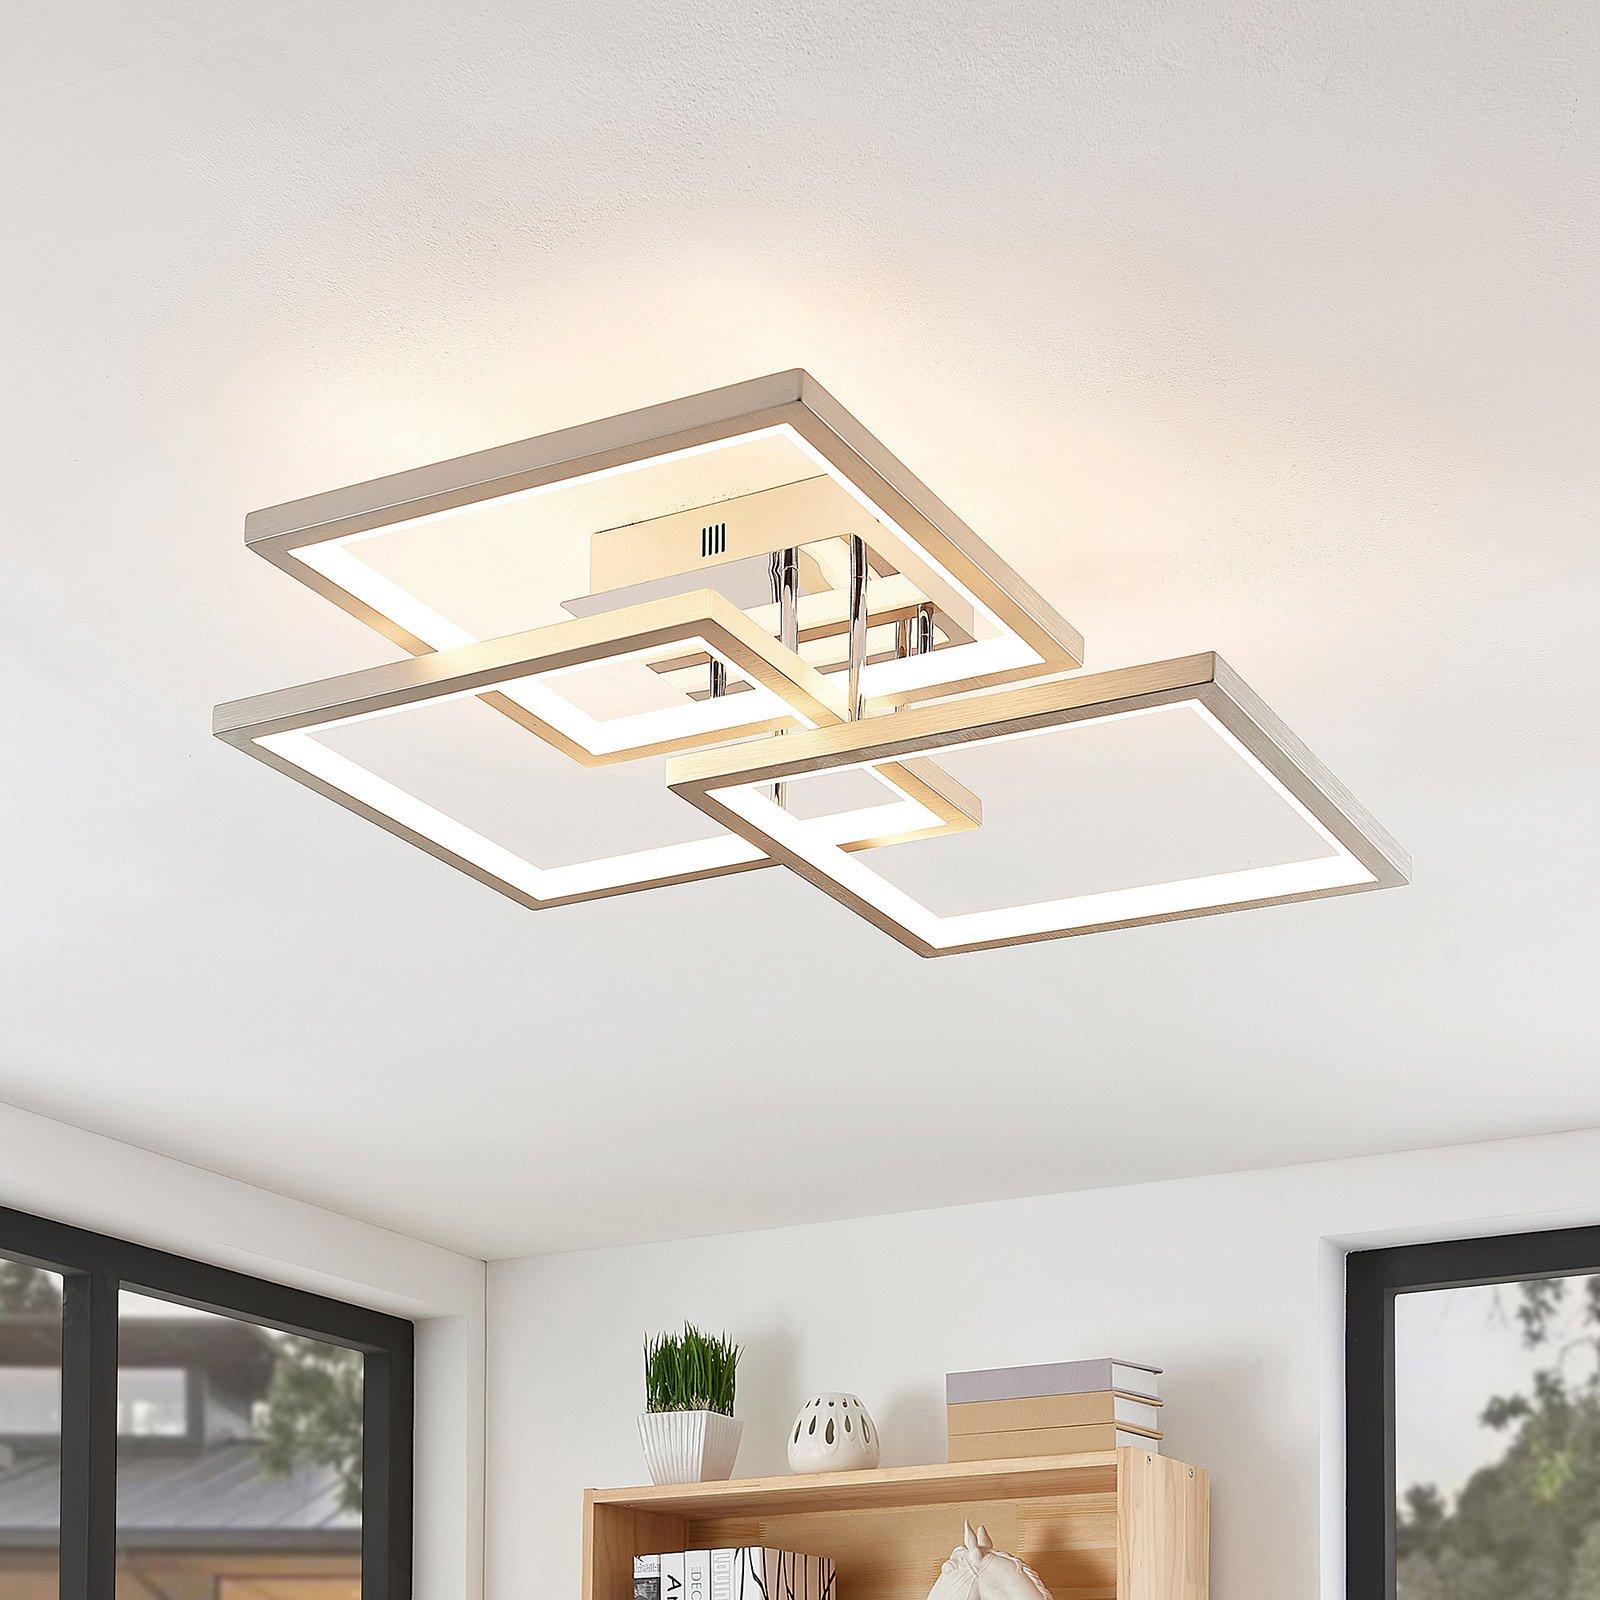 Lucande Avilara LED-taklampe, 70 cm x 70 cm